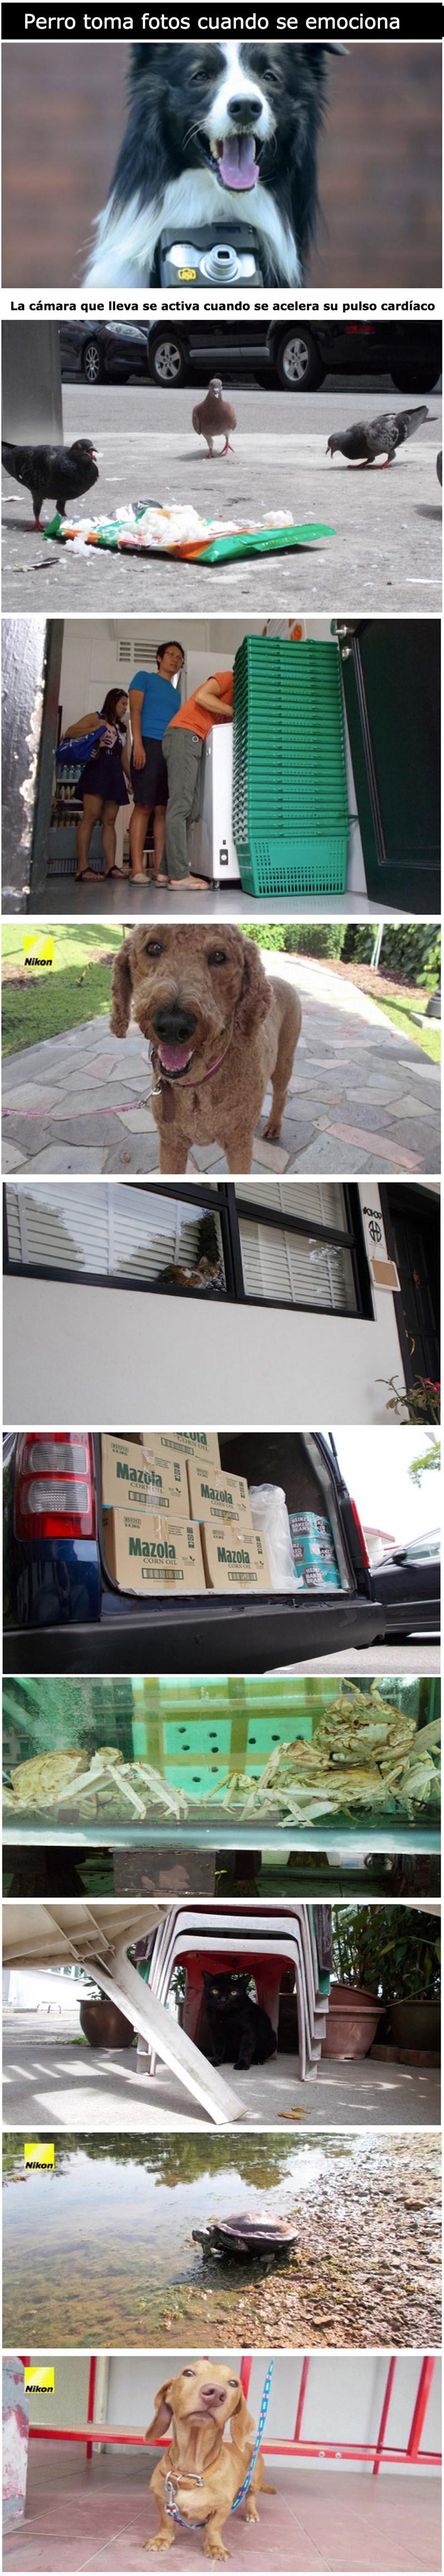 perros curiosidades animales fotos - 8568523264